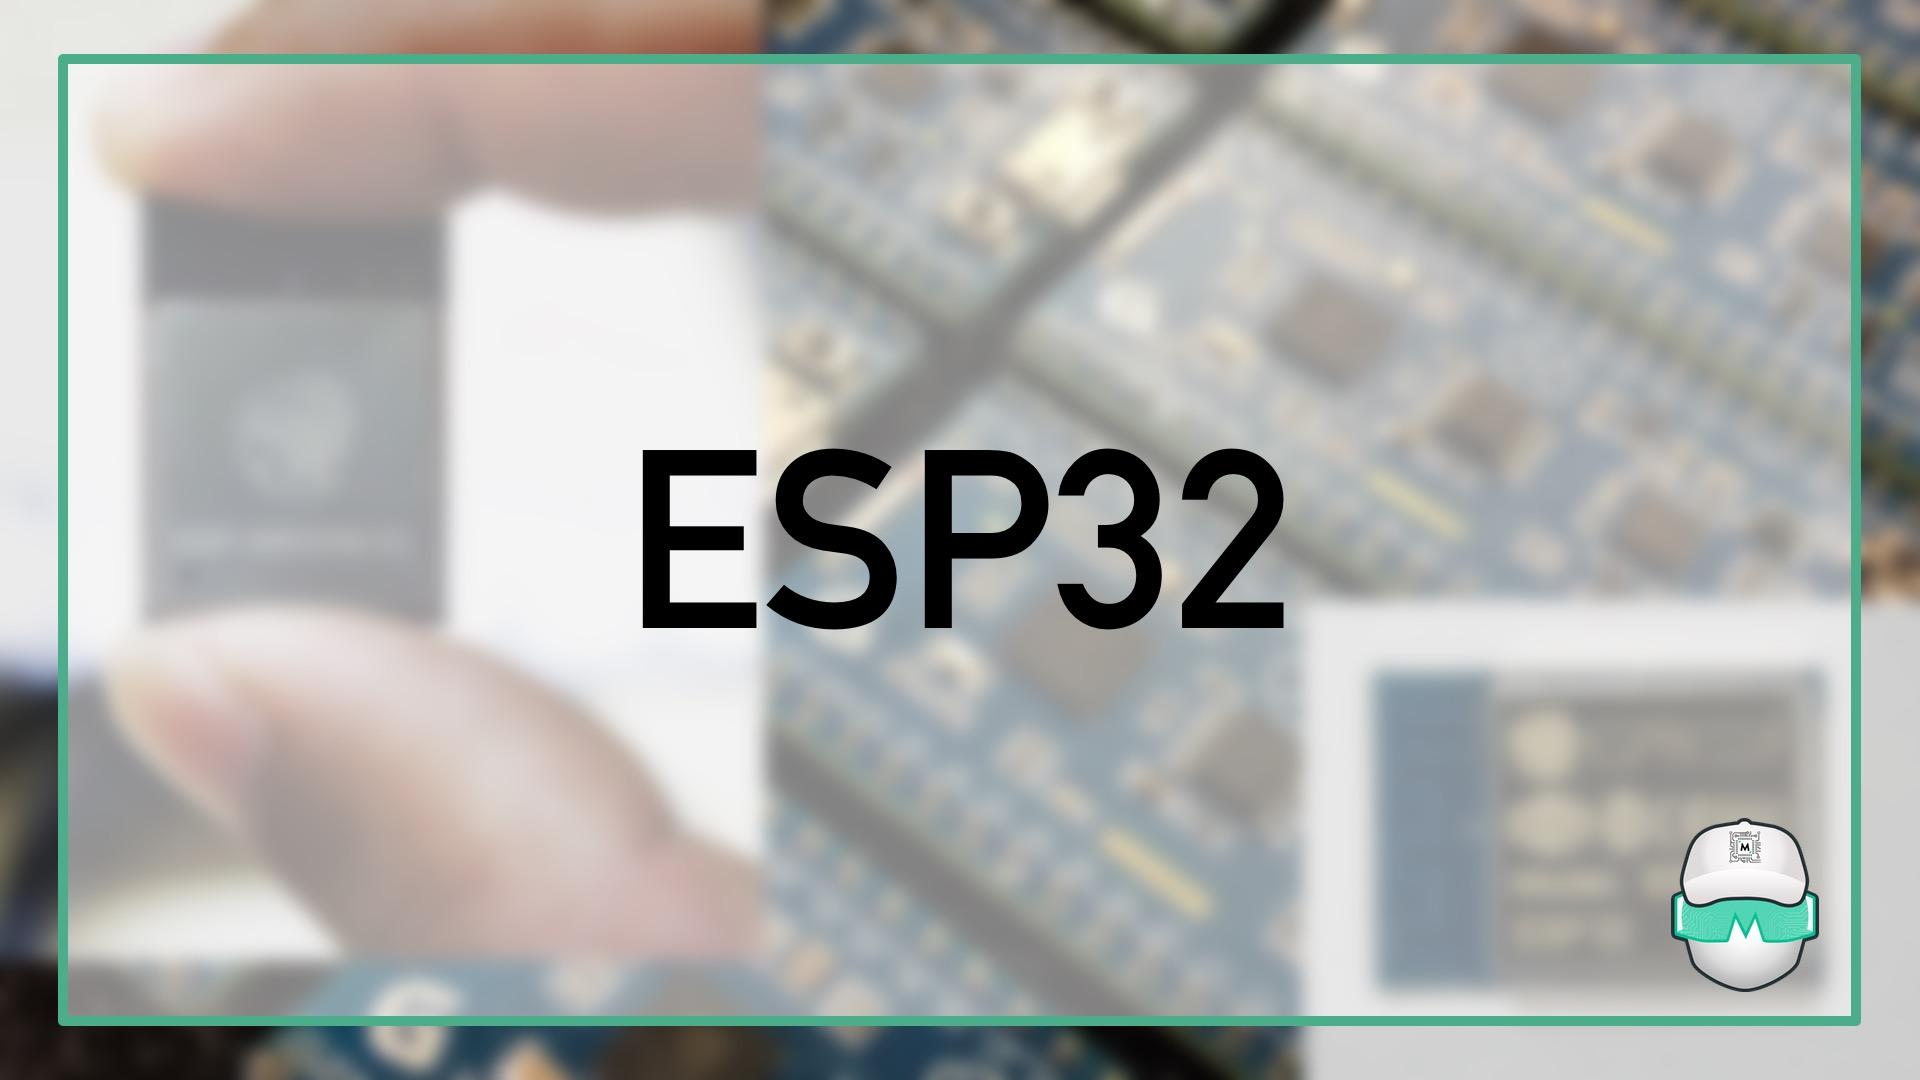 ESP32, adik ESP8266 yang canggih, gampang dicari, namun